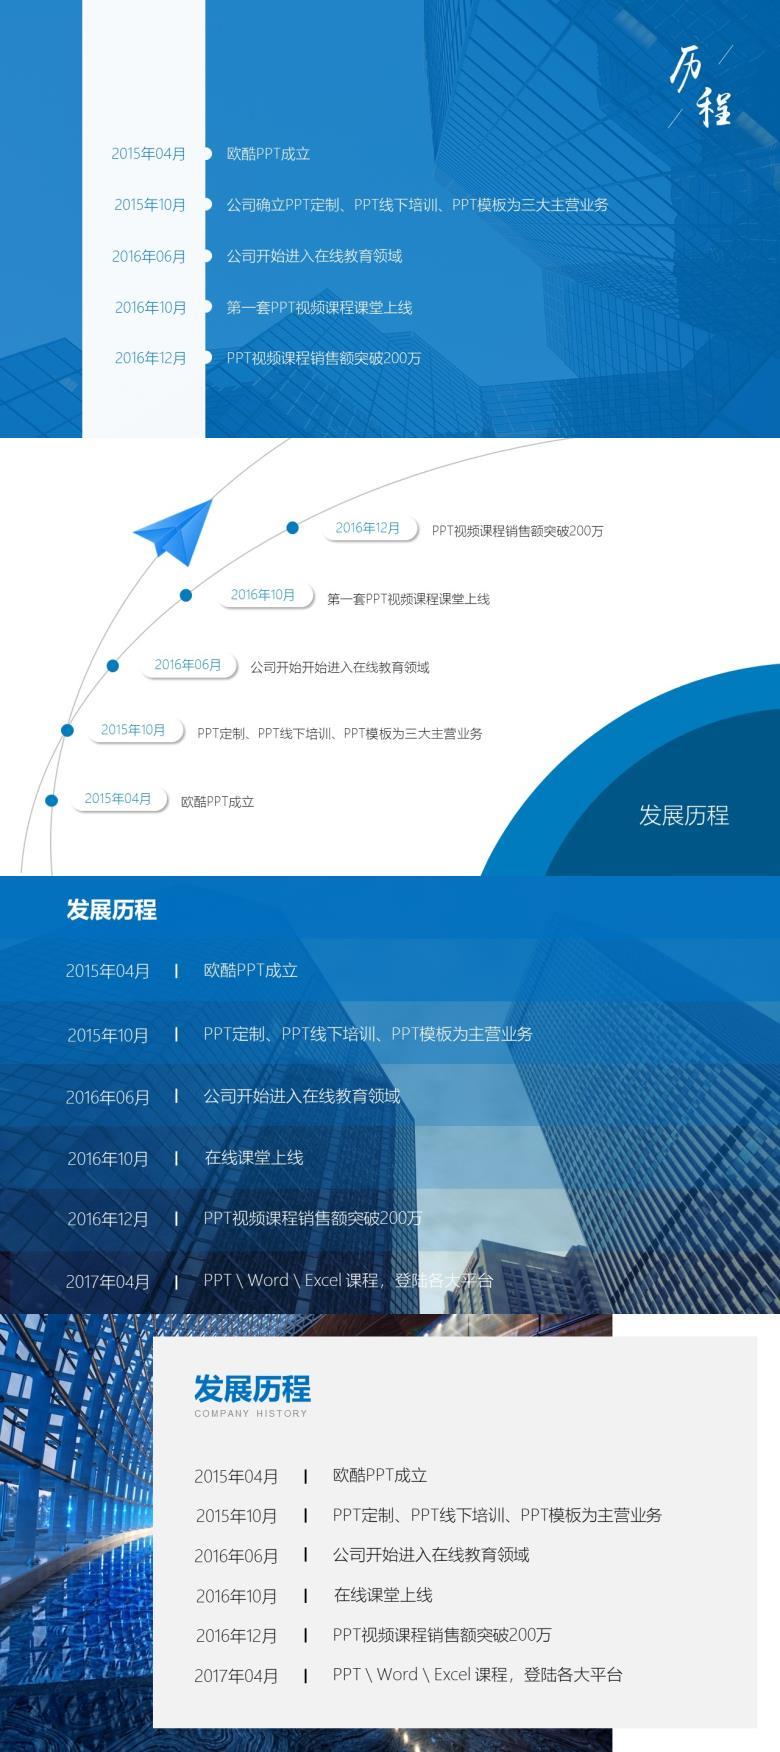 蓝色商务企业发展历程时间轴PPT图表